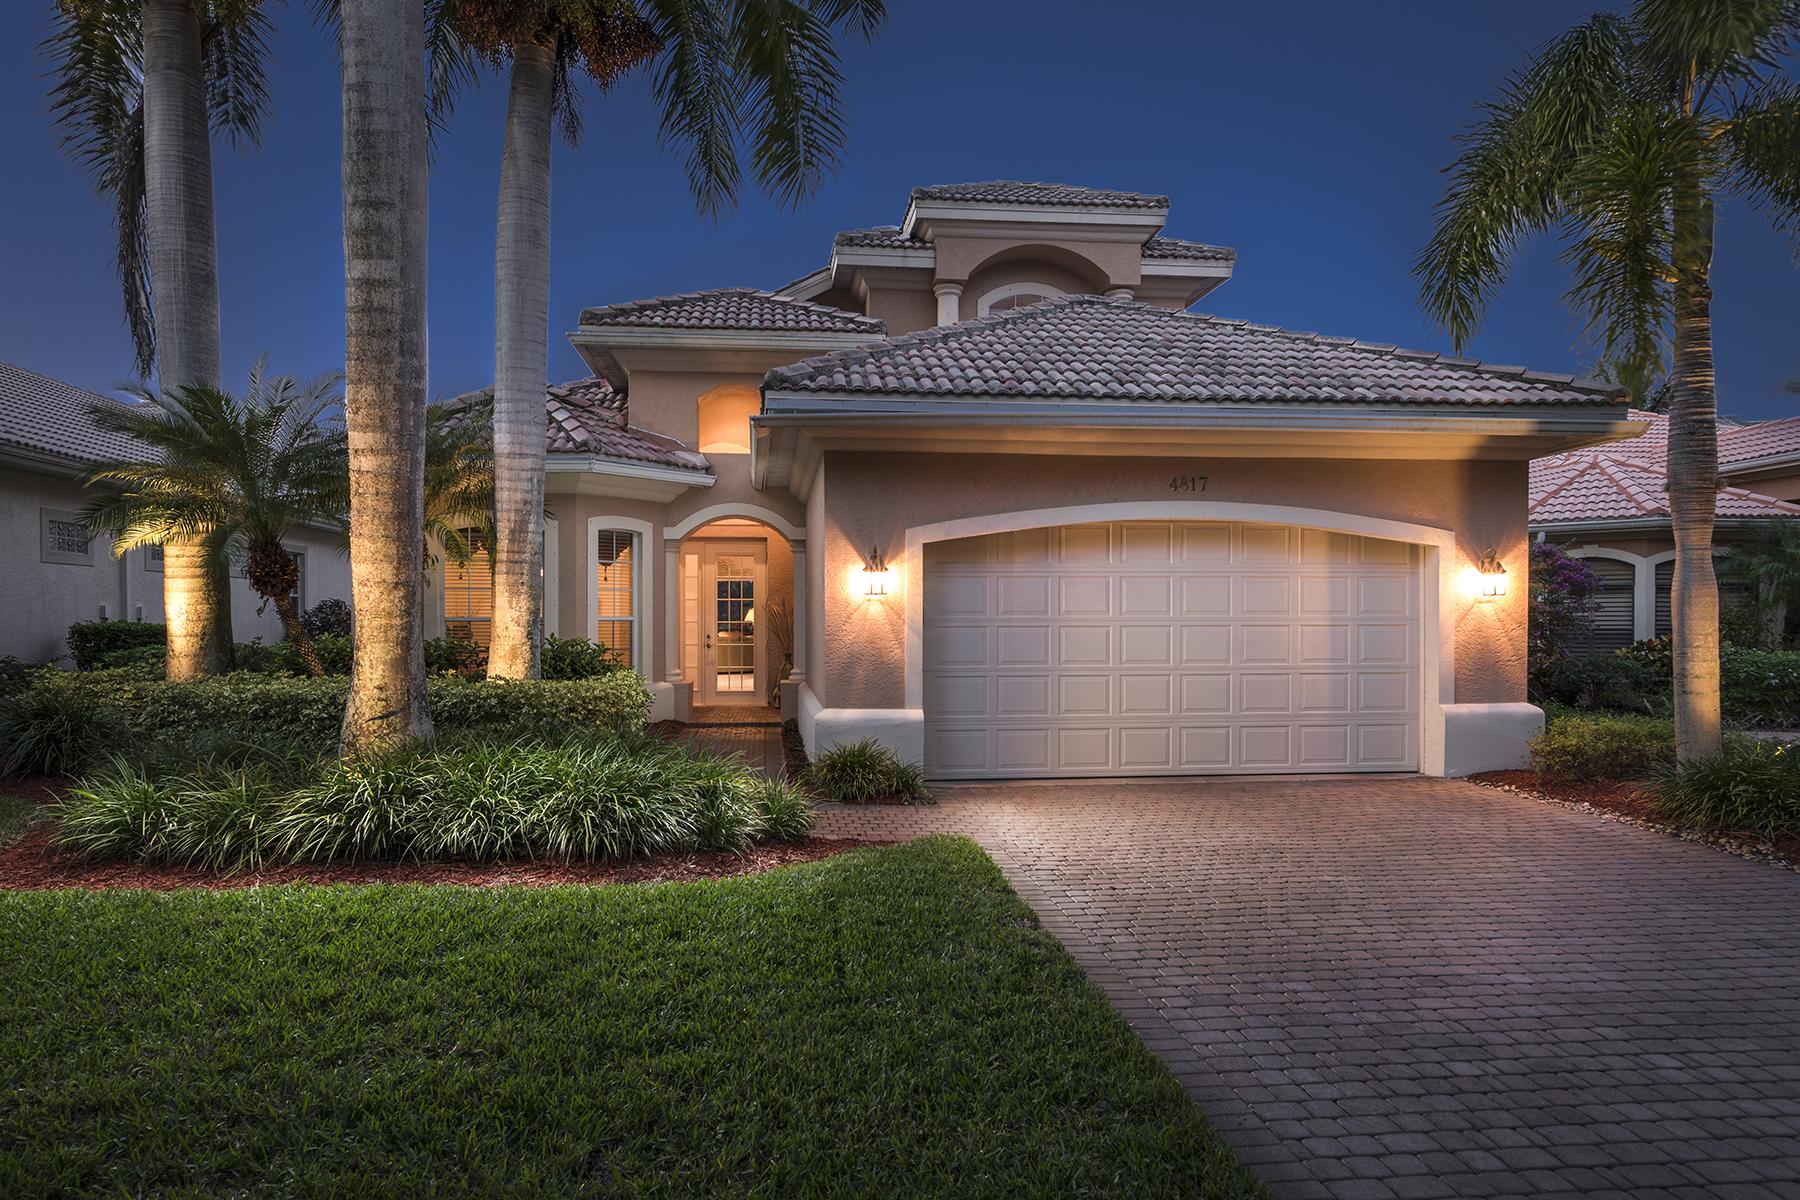 獨棟家庭住宅 為 出售 在 KENSINGSTON - NOTTINGHAM COVE 4817 Keswick Way Naples, 佛羅里達州, 34105 美國